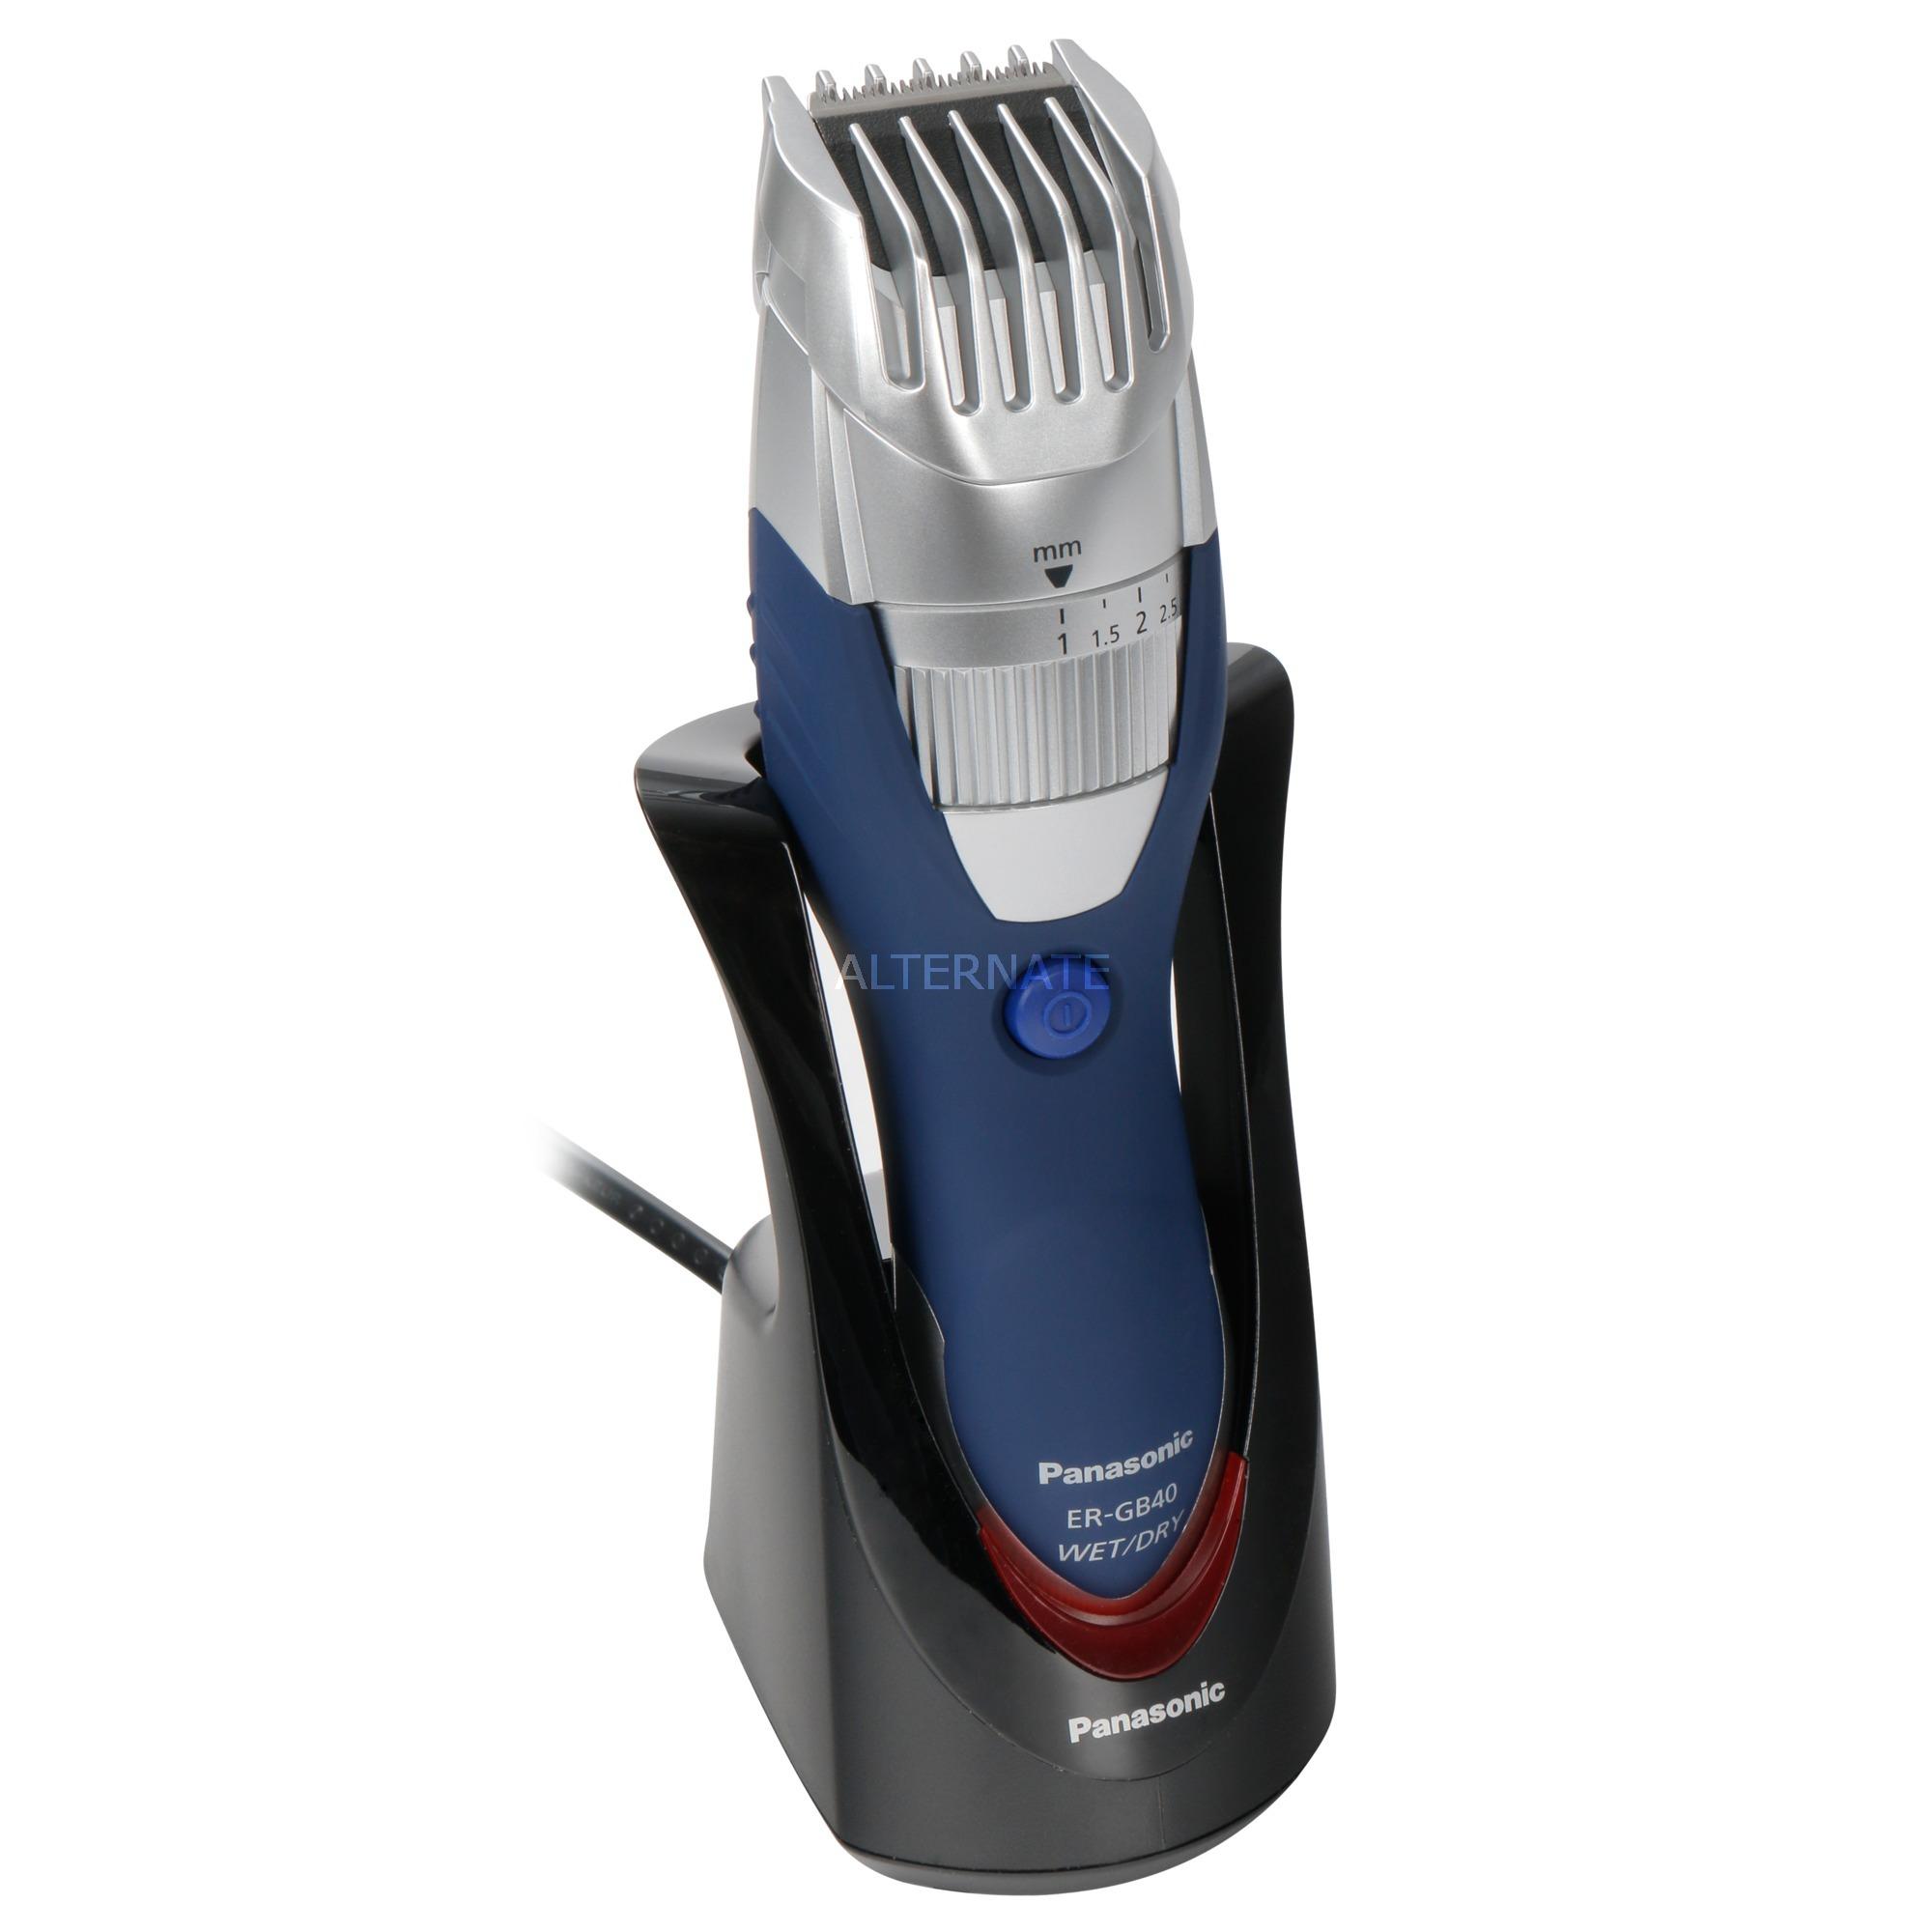 ER-GB40 depiladora para la barba Mojado y seco Azul, Plata, Cortapelo para barba